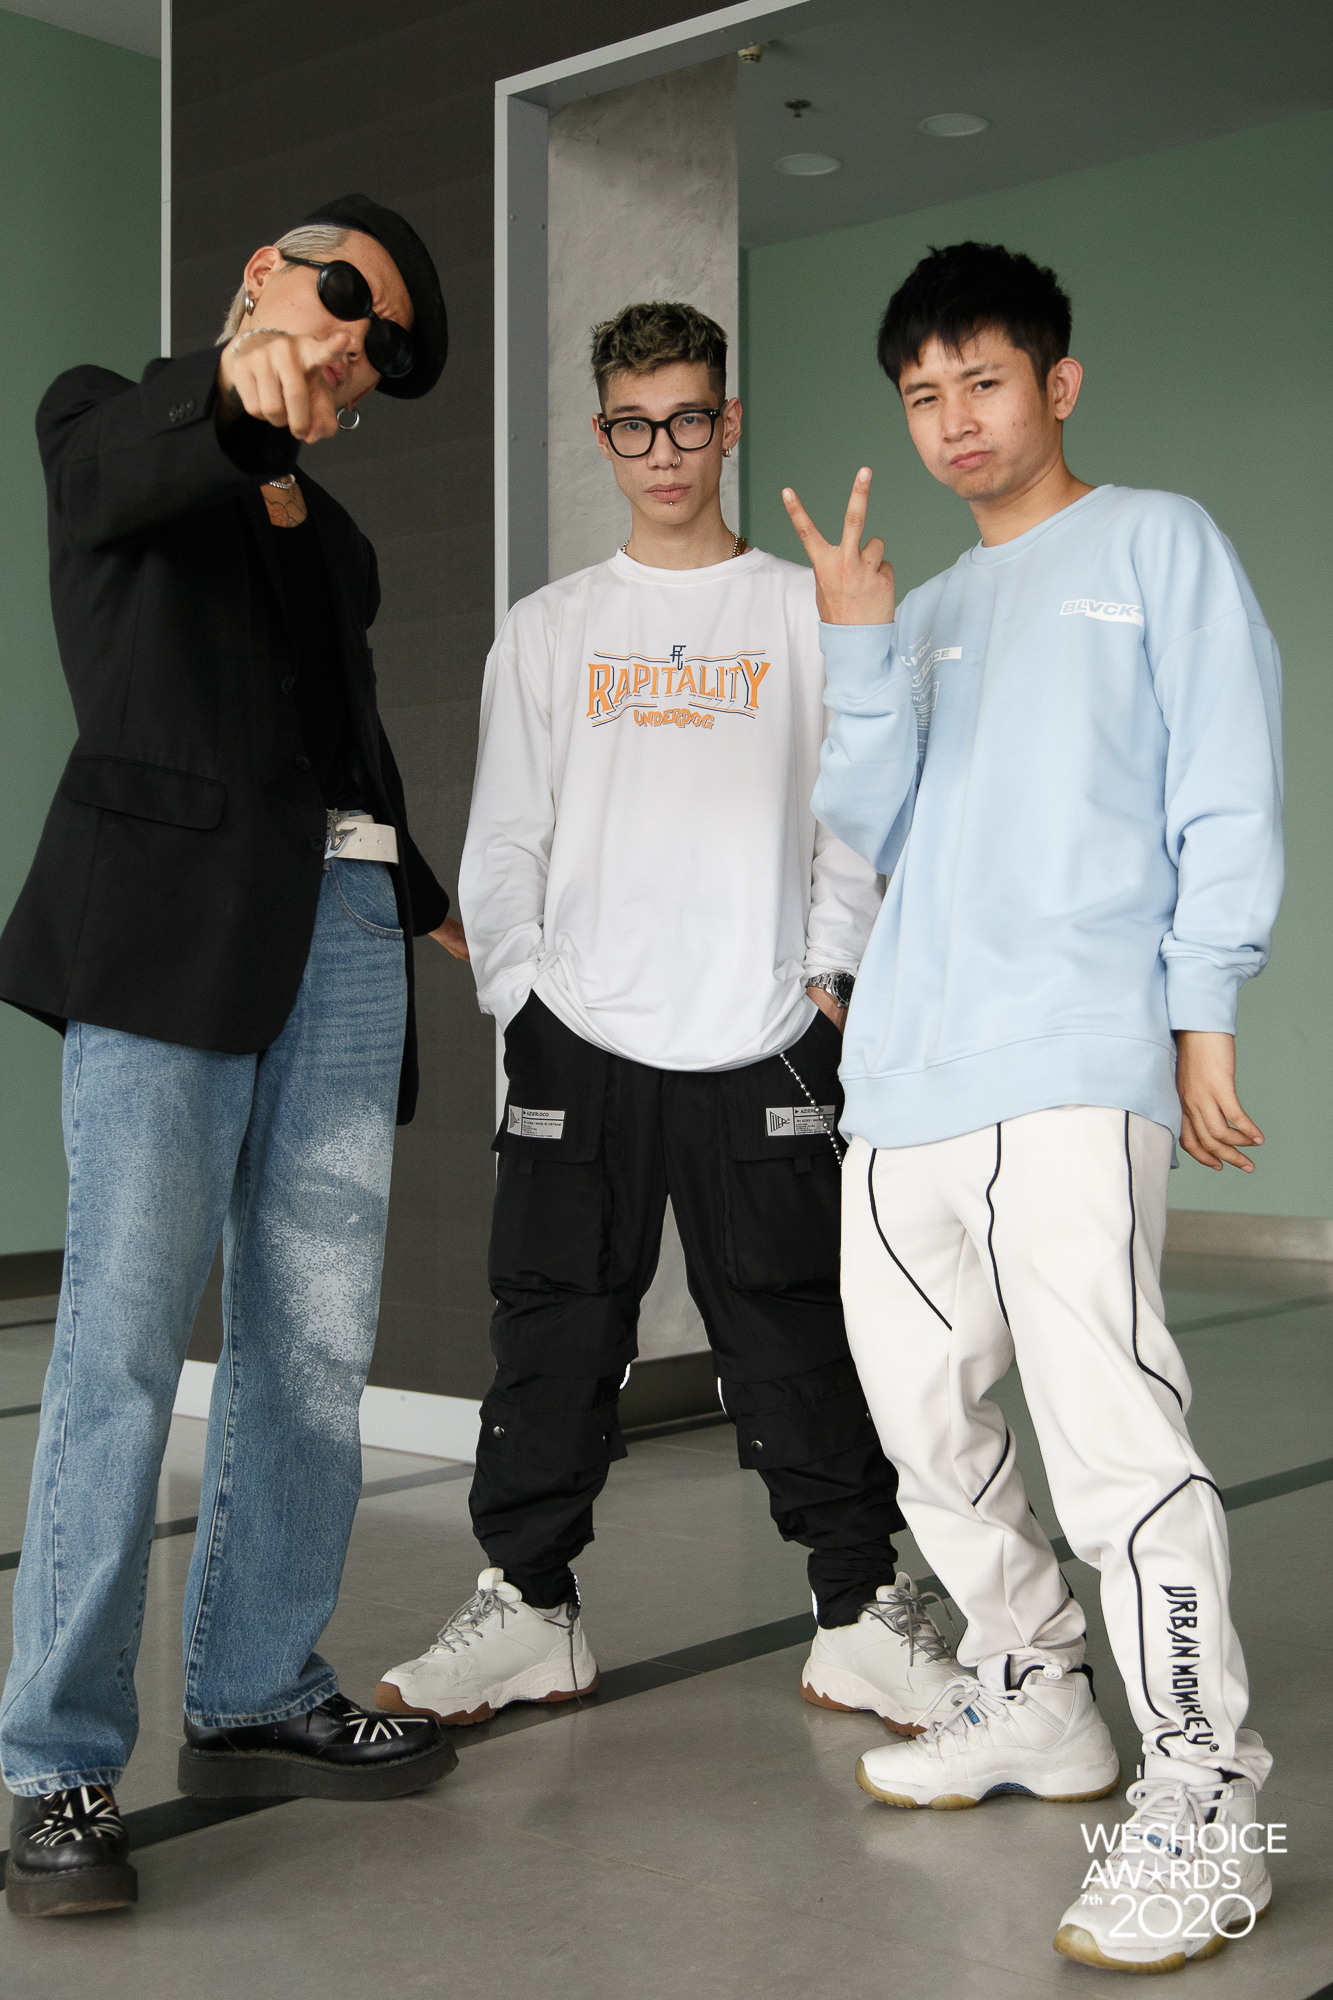 Style sao đi tổng duyệt WeChoice 2020: Hoà Minzy lên đồ trẻ trung không quên đeo khẩu trang, Hiền Hồ đeo kính râm cá tính - Ảnh 9.